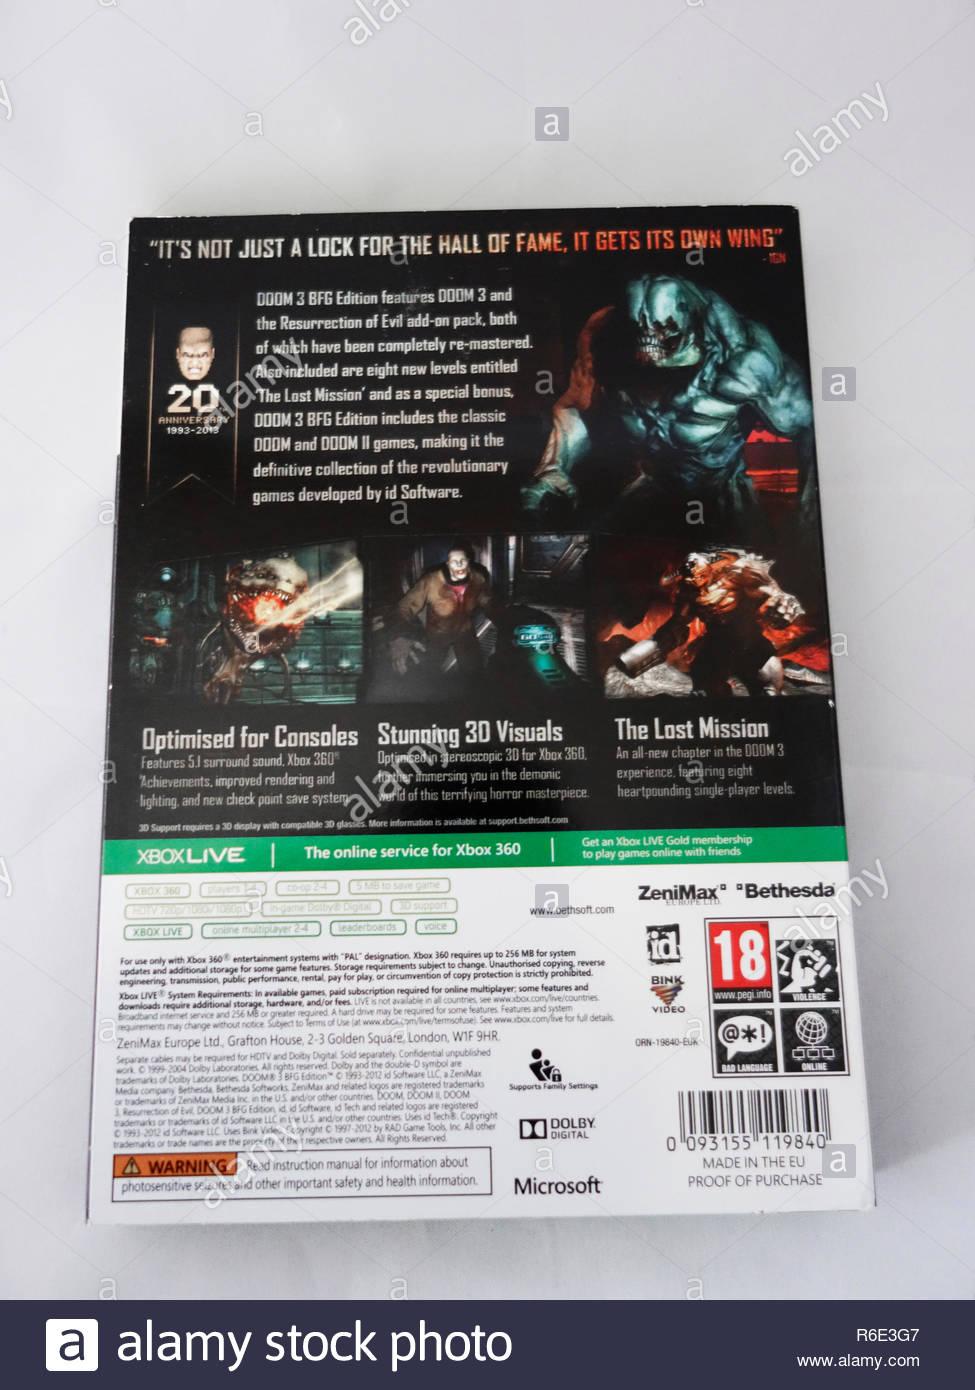 doom 3 xbox game Stock Photo: 227732855 - Alamy